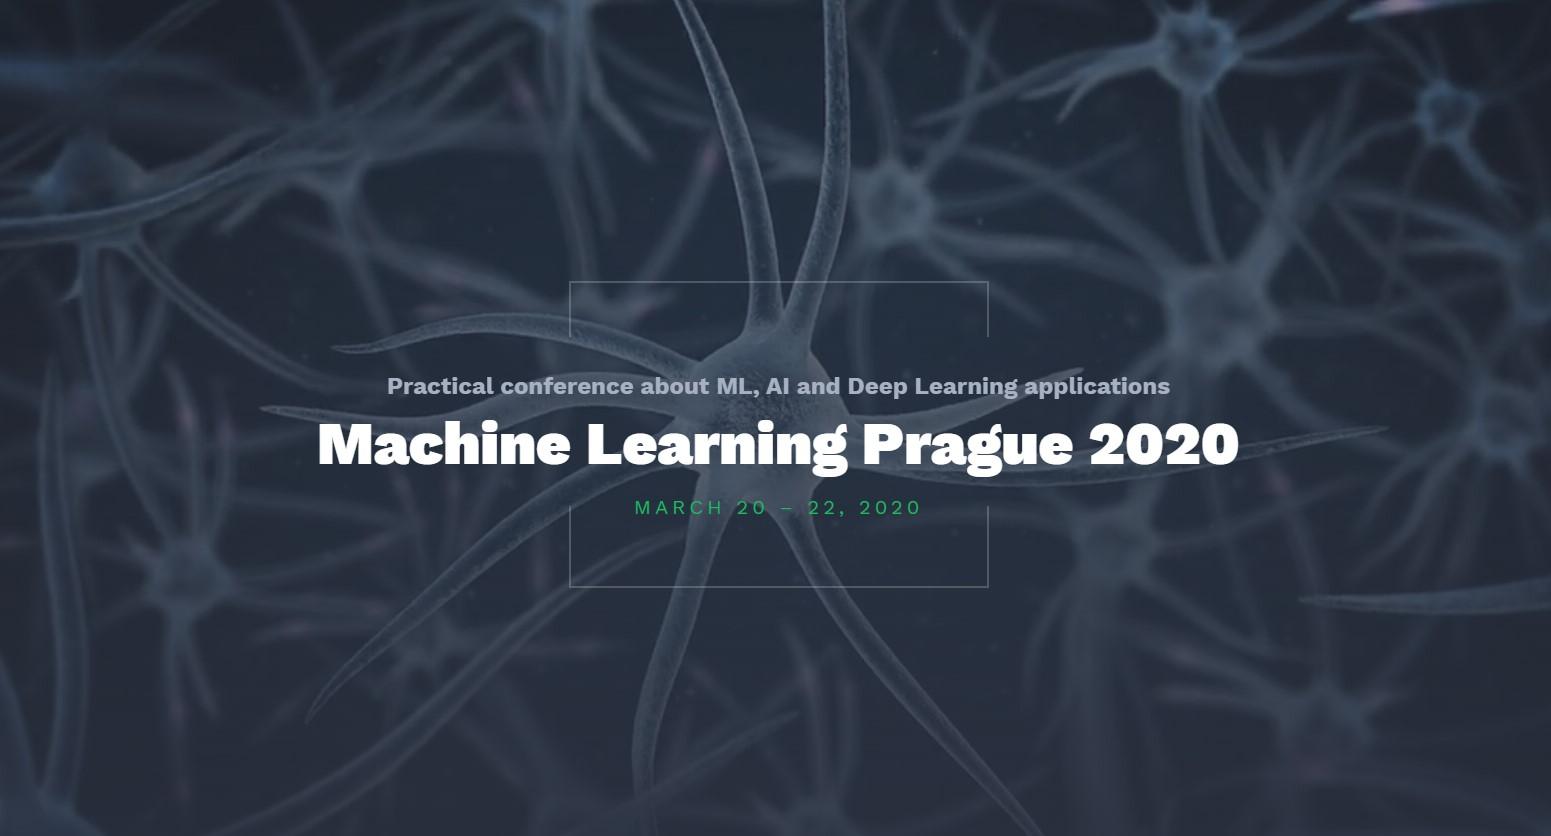 V Praze se koná největší konference o strojovém učení v Evropě